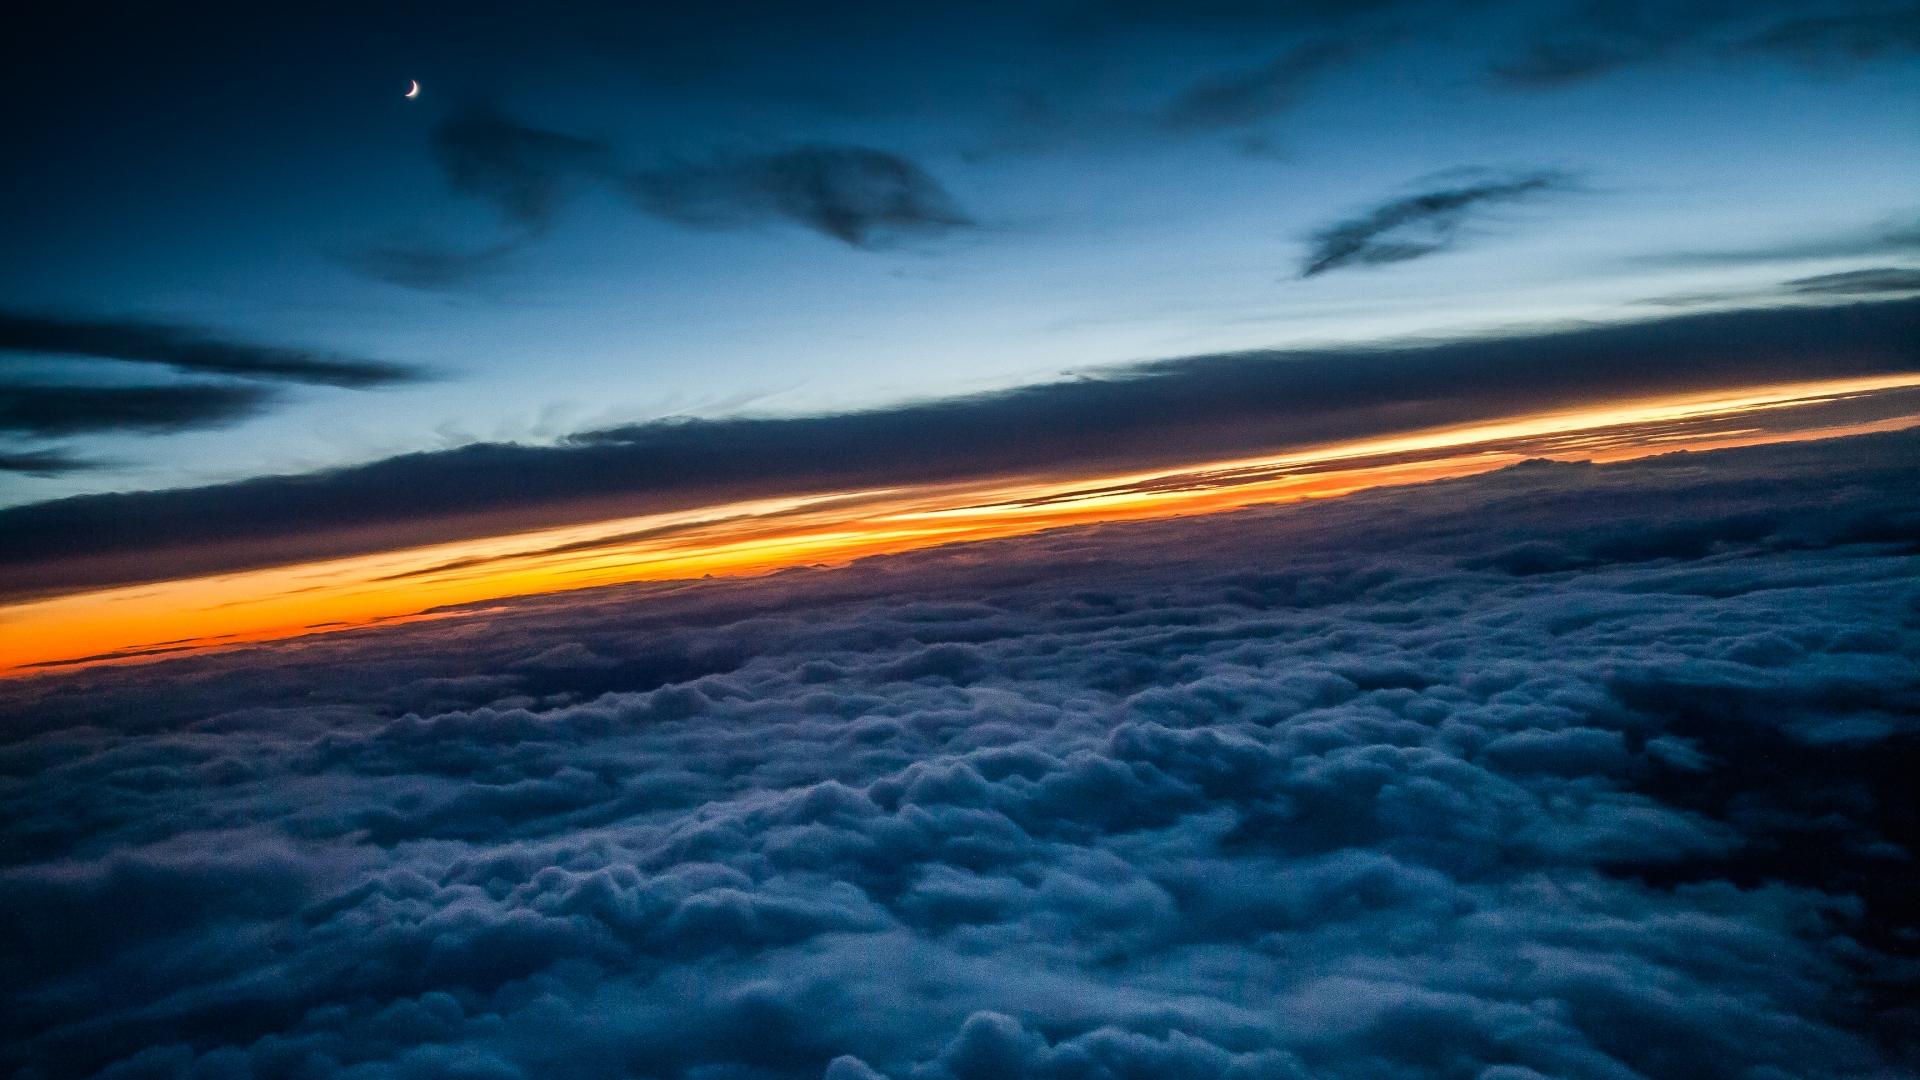 Encima de las nubes - 1920x1080